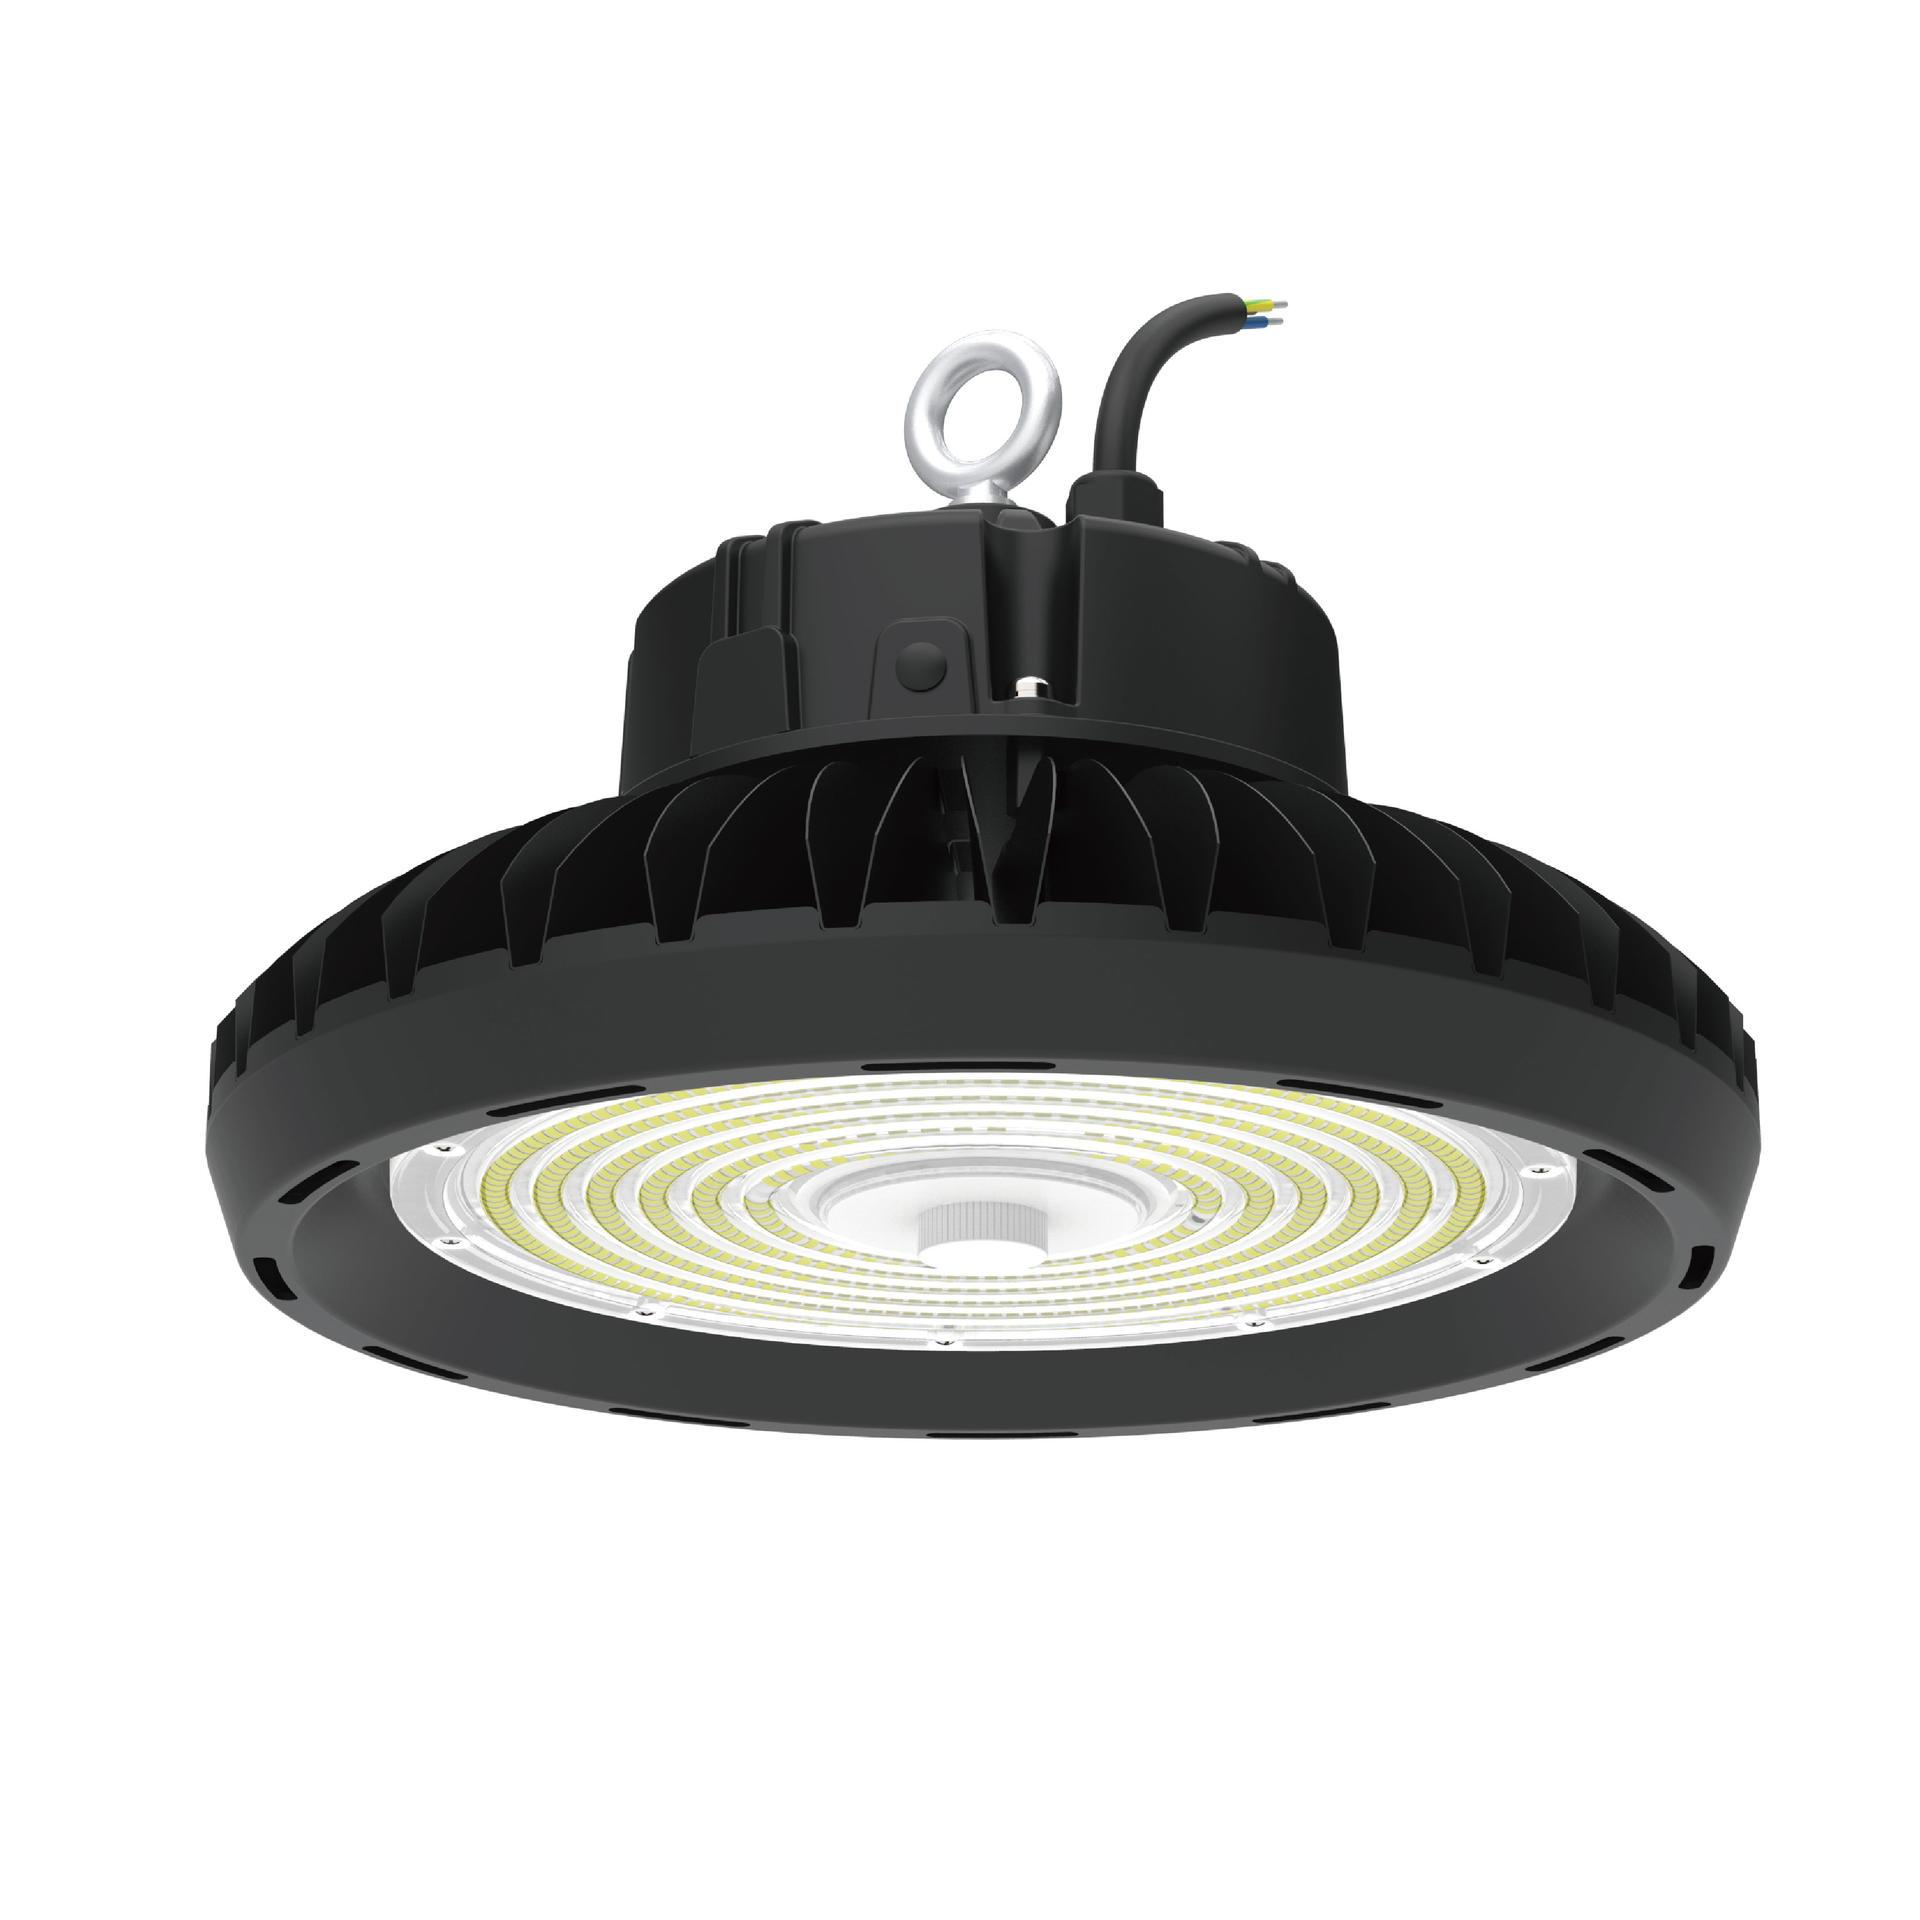 HBE LED High Bay Light